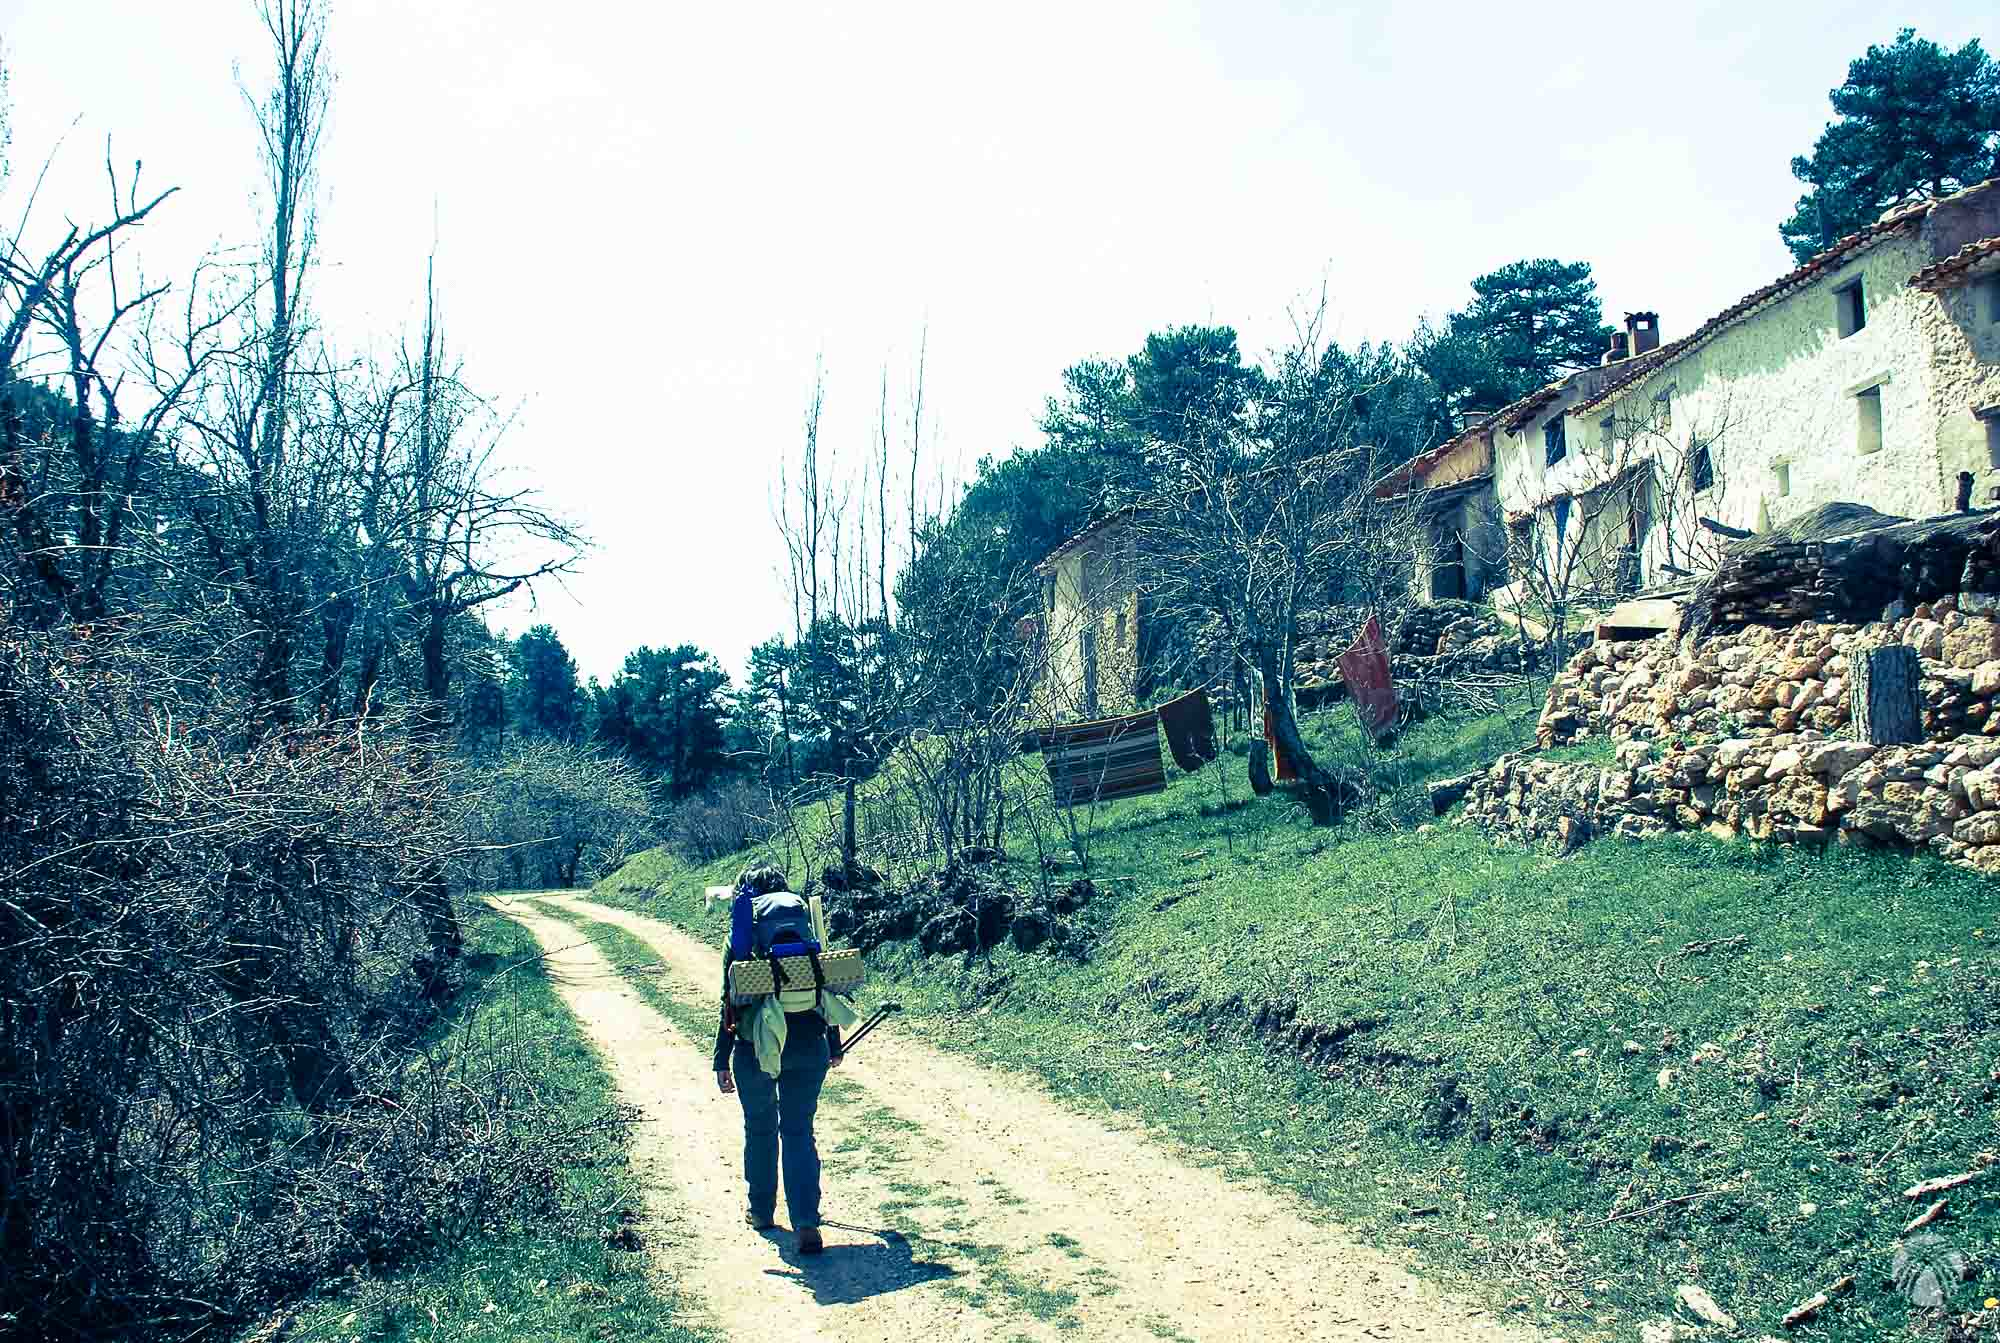 La primavera todavía no ha llegado a la Cañada del Saucar